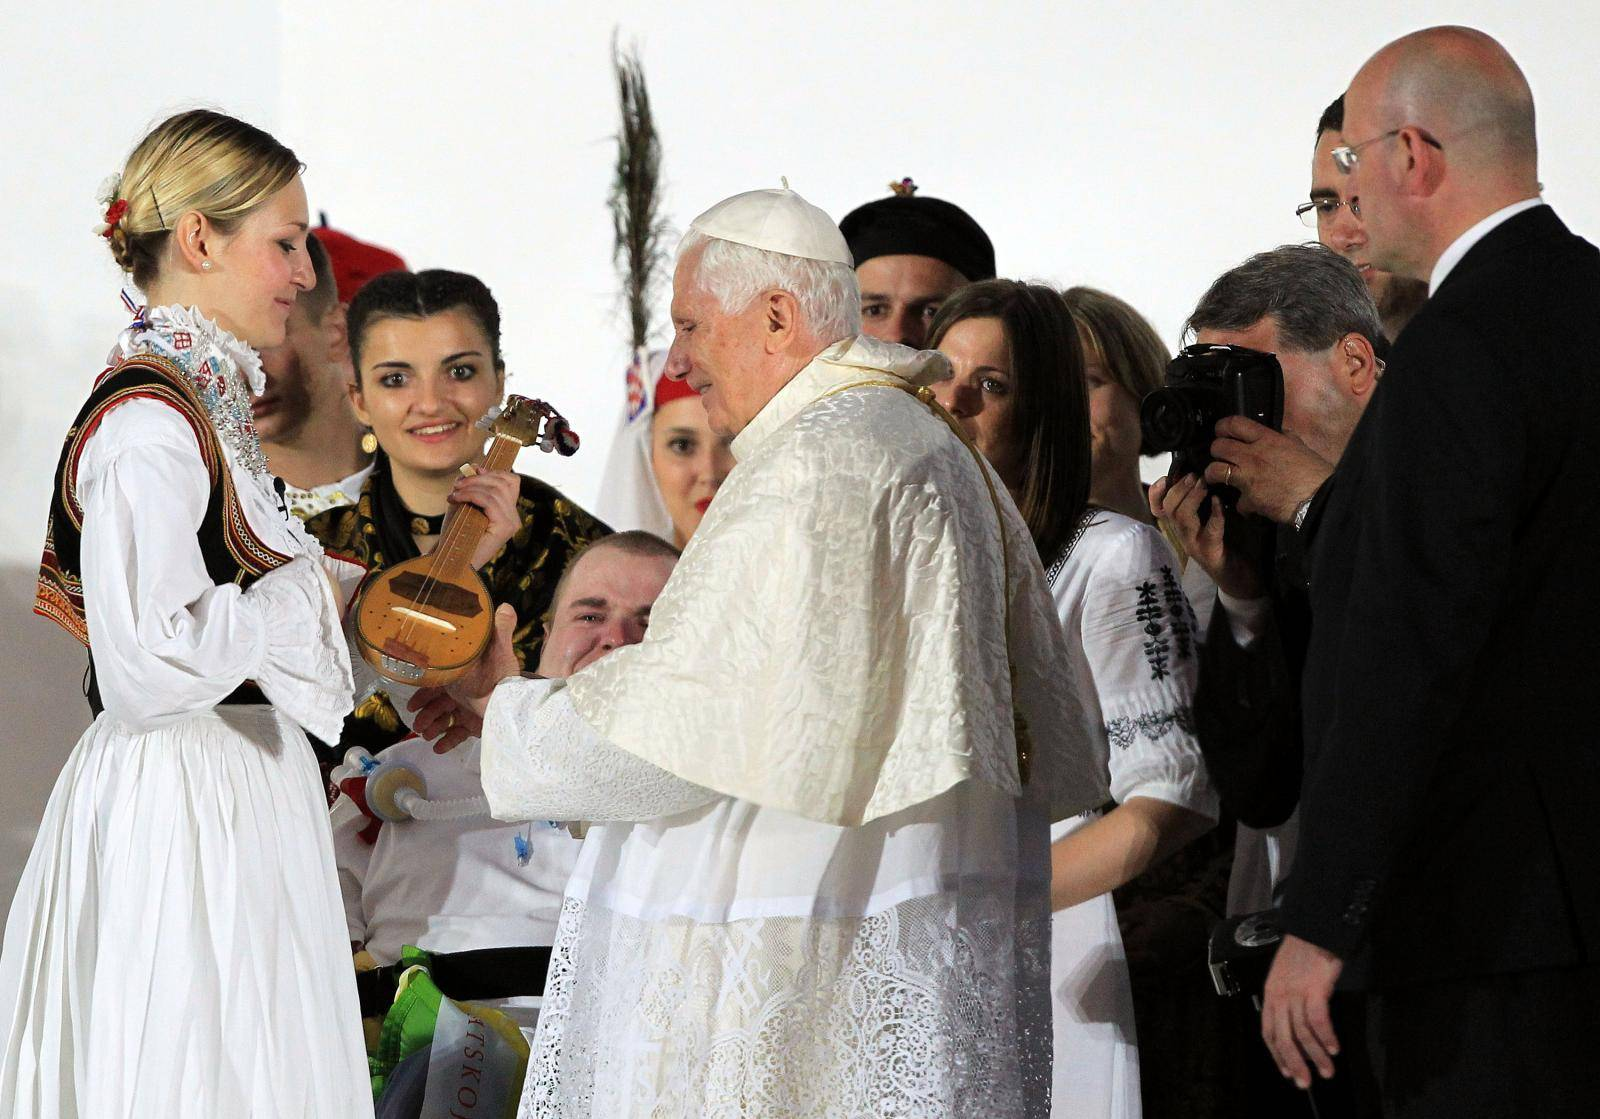 Papa Benedikt u Zagrebu prije 10 godina: Poklonio se Stepincu i poručio' Hrvati, slavite obitelj'